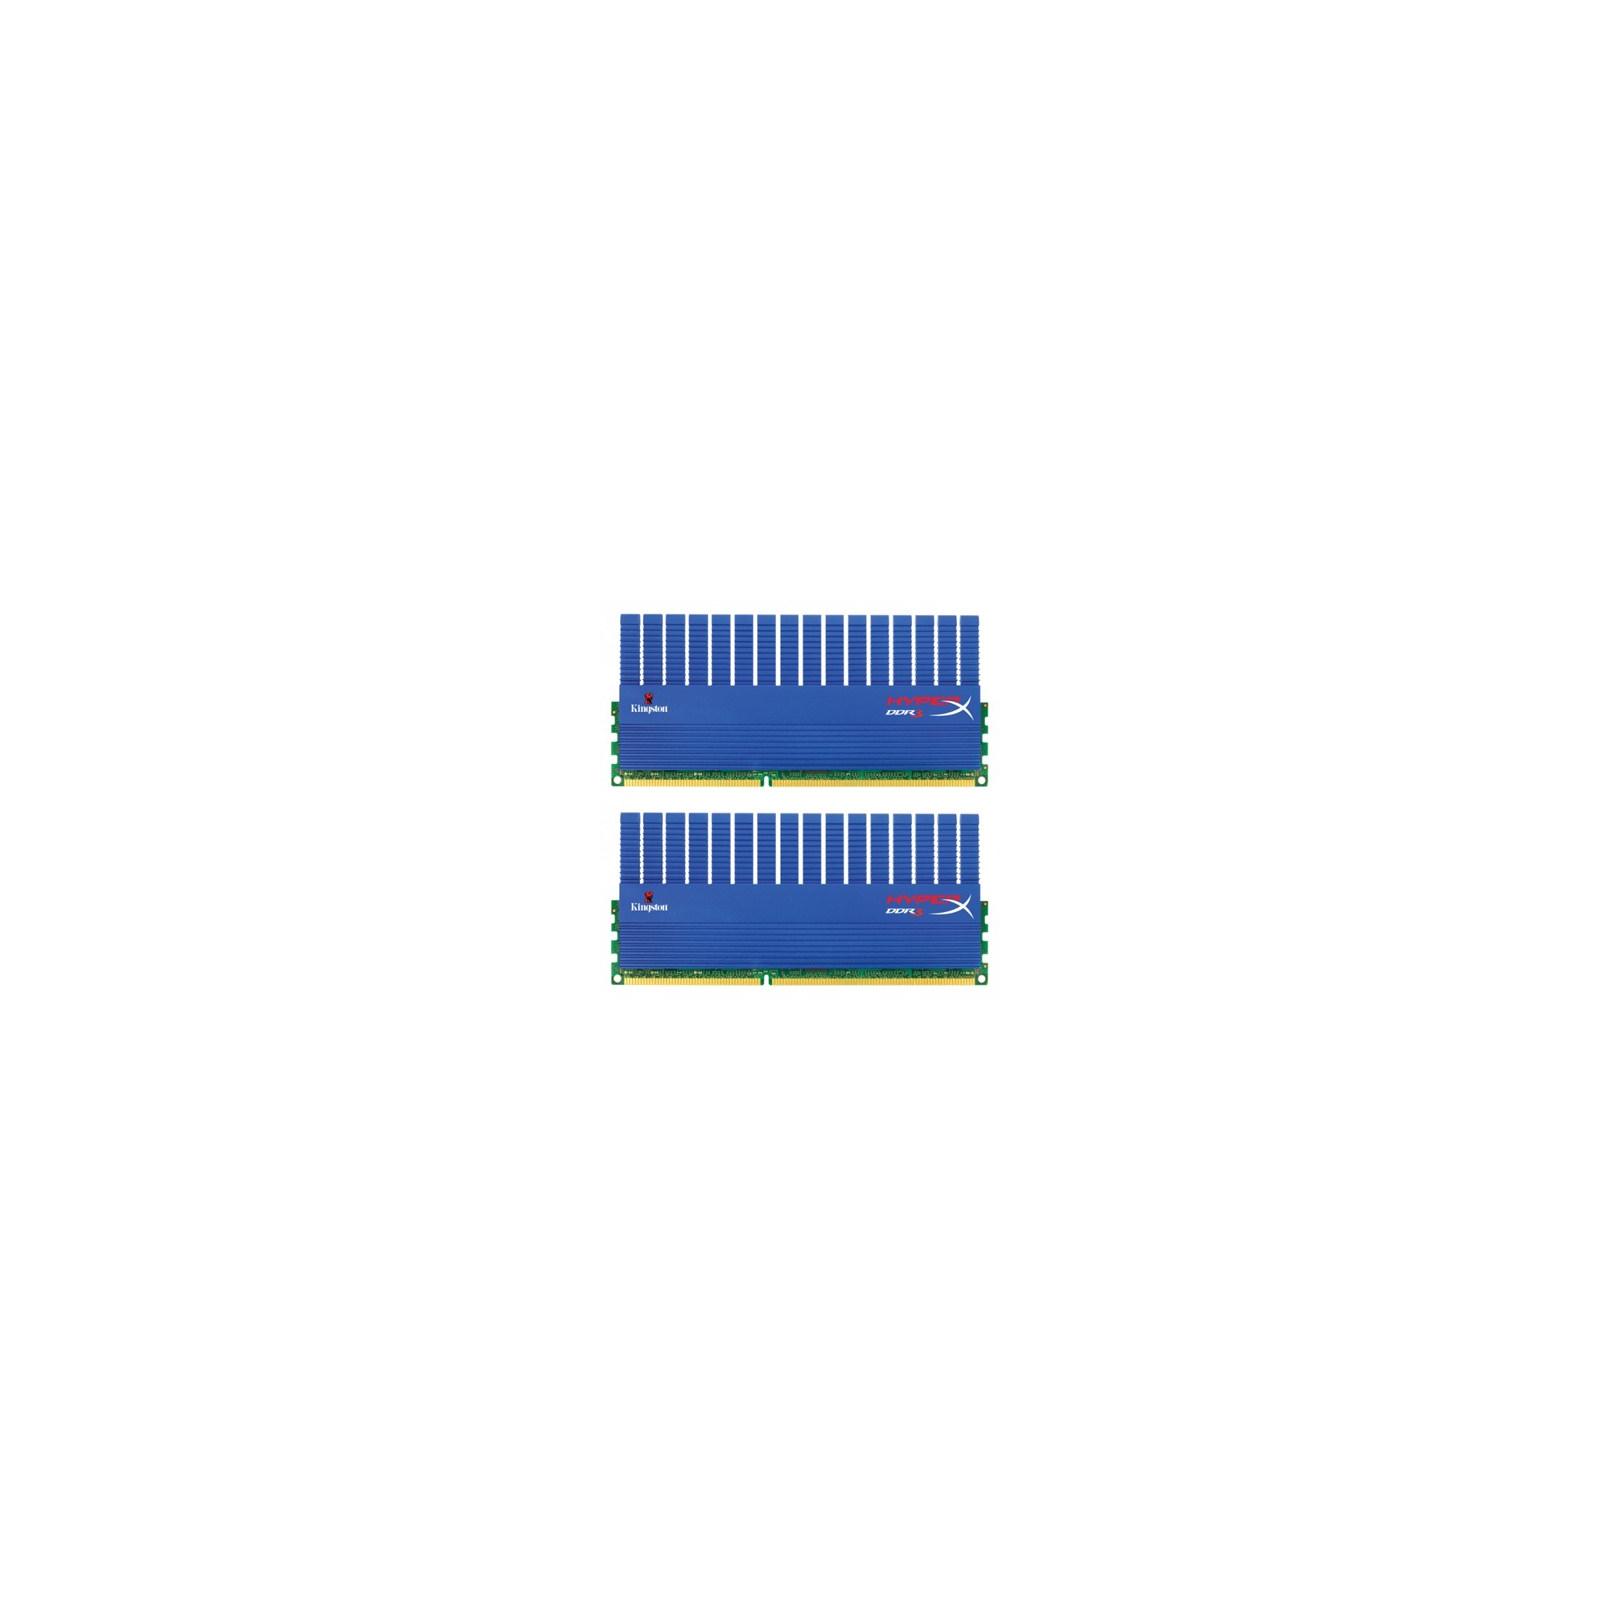 Модуль памяти для компьютера DDR3 8GB (2x4GB) 1600 MHz Kingston (KHX1600C9D3T1K2/8GX / KHX1600C9D3T1K2/8G)